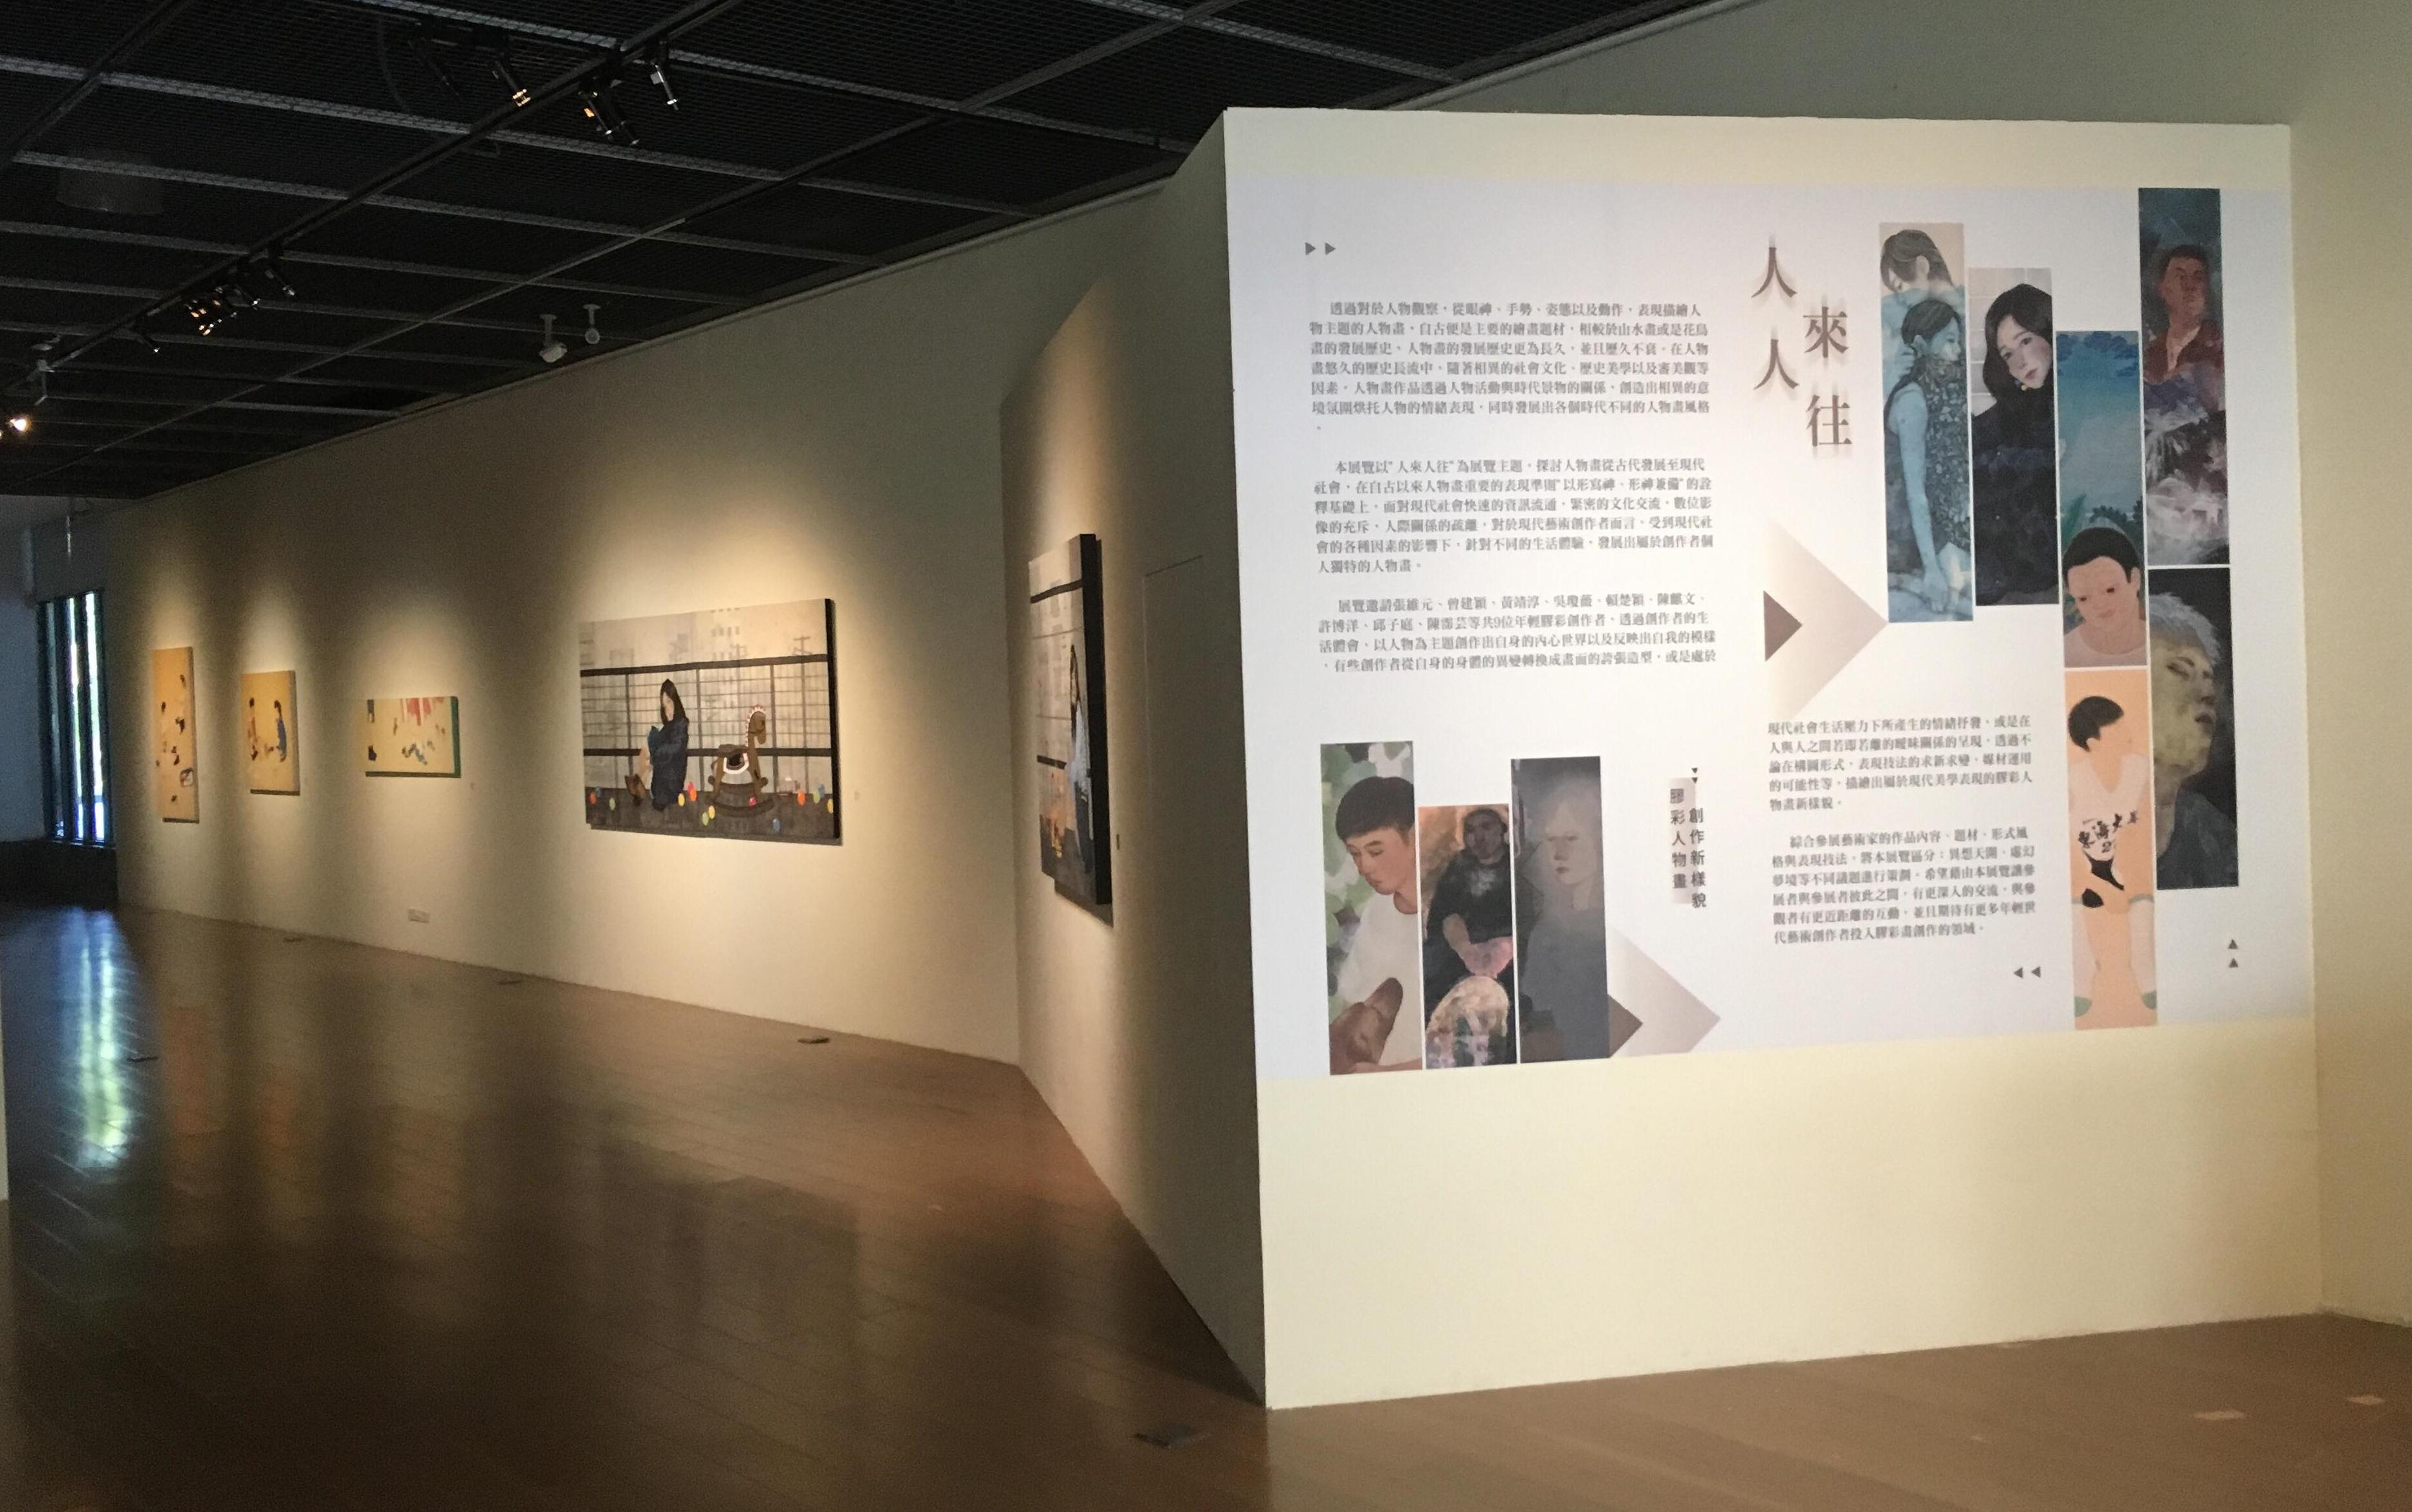 人來人往-膠彩人物畫創作新樣貌(2019/7/29-8/17,9/10-9/20)